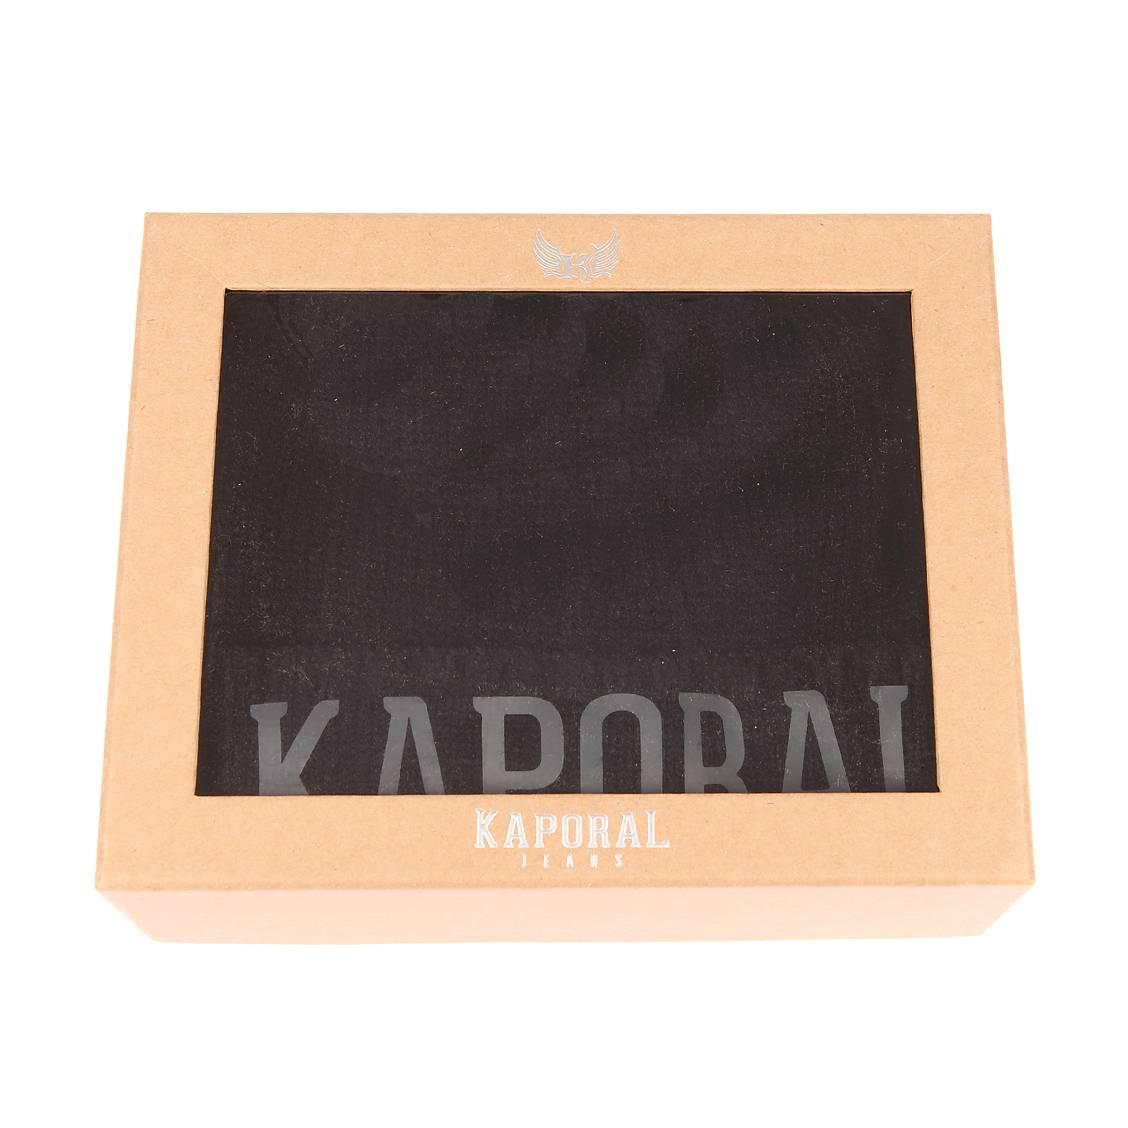 Coffret cadeaux bonnet et écharpe  back en mailles noires